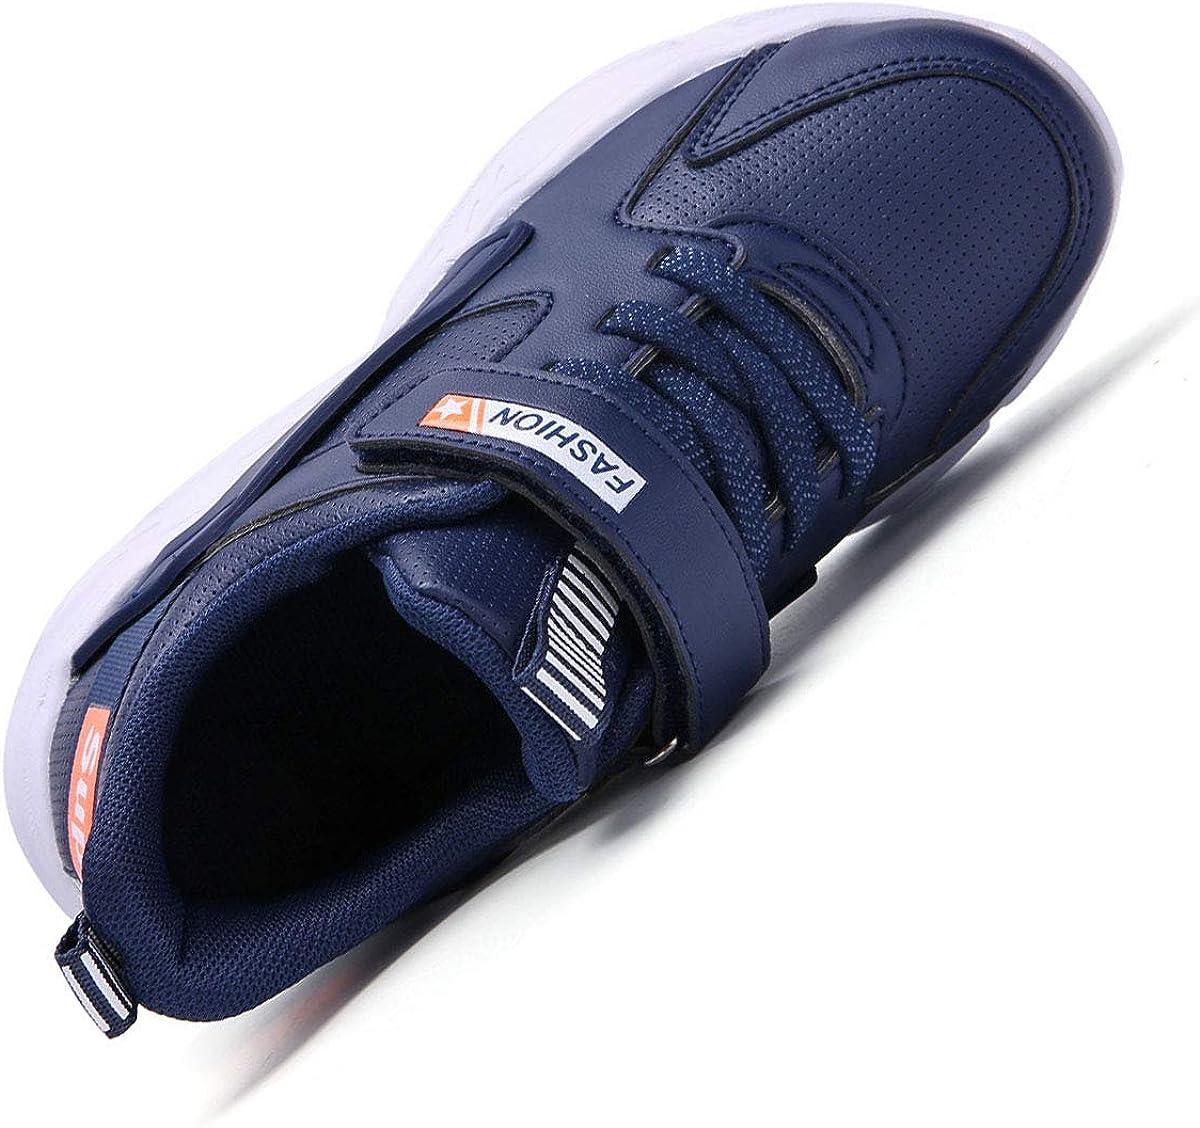 HSNA Enfant Baskets Mode L/ég/ères Chaussures de Course l/'/école Gar/çons Fille Sneakers 28-41EU